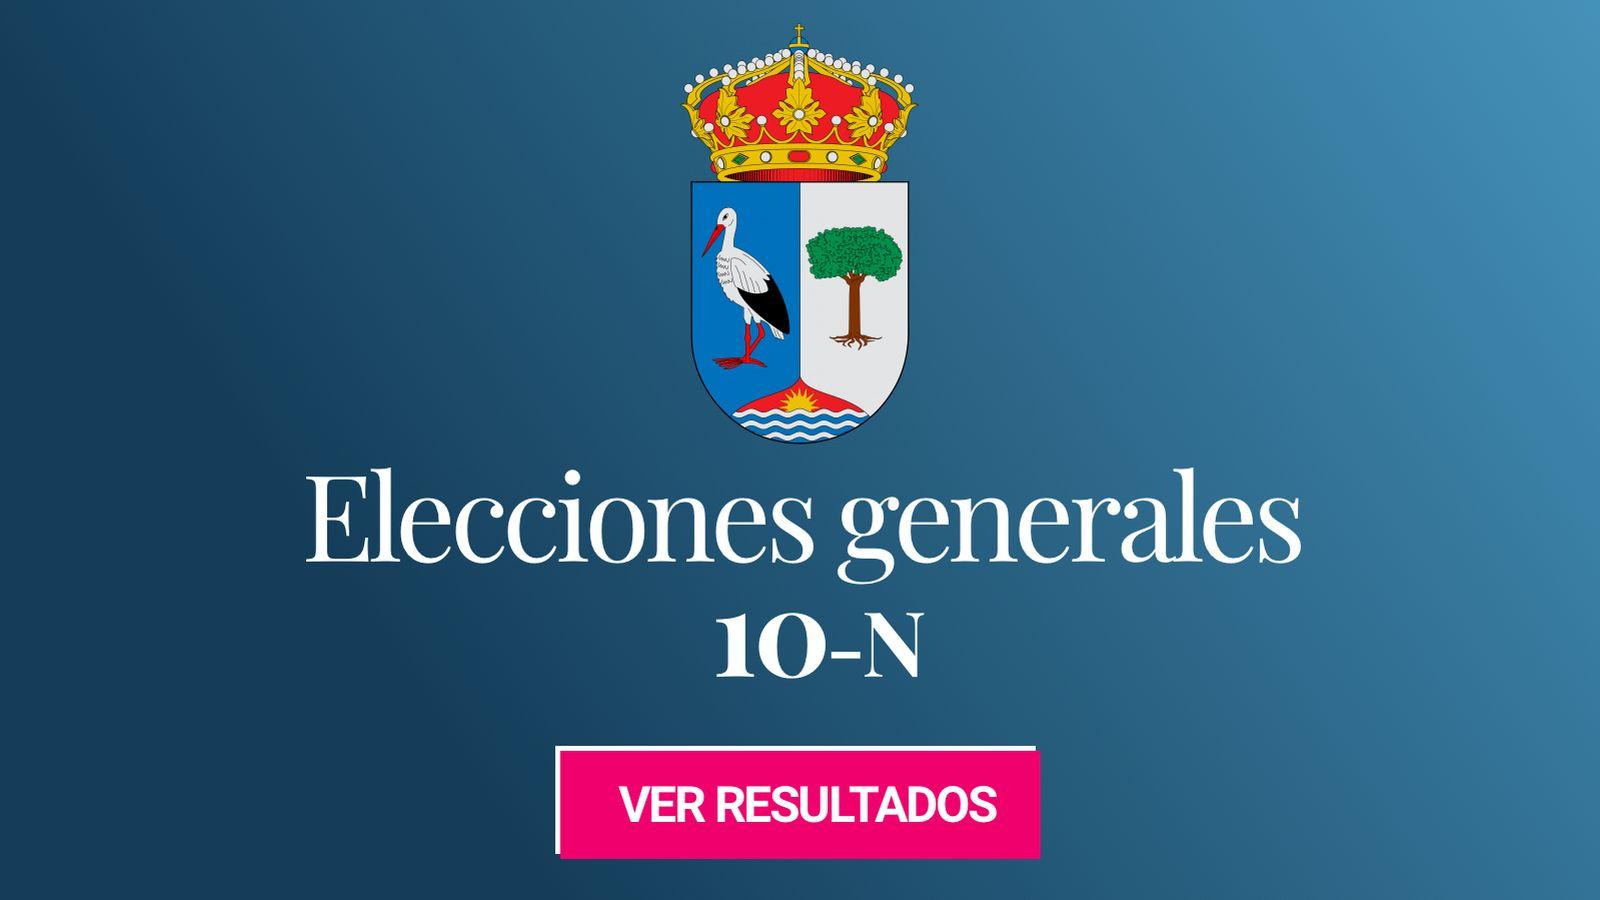 Foto: Elecciones generales 2019 en Las Rozas de Madrid. (C.C./EC)